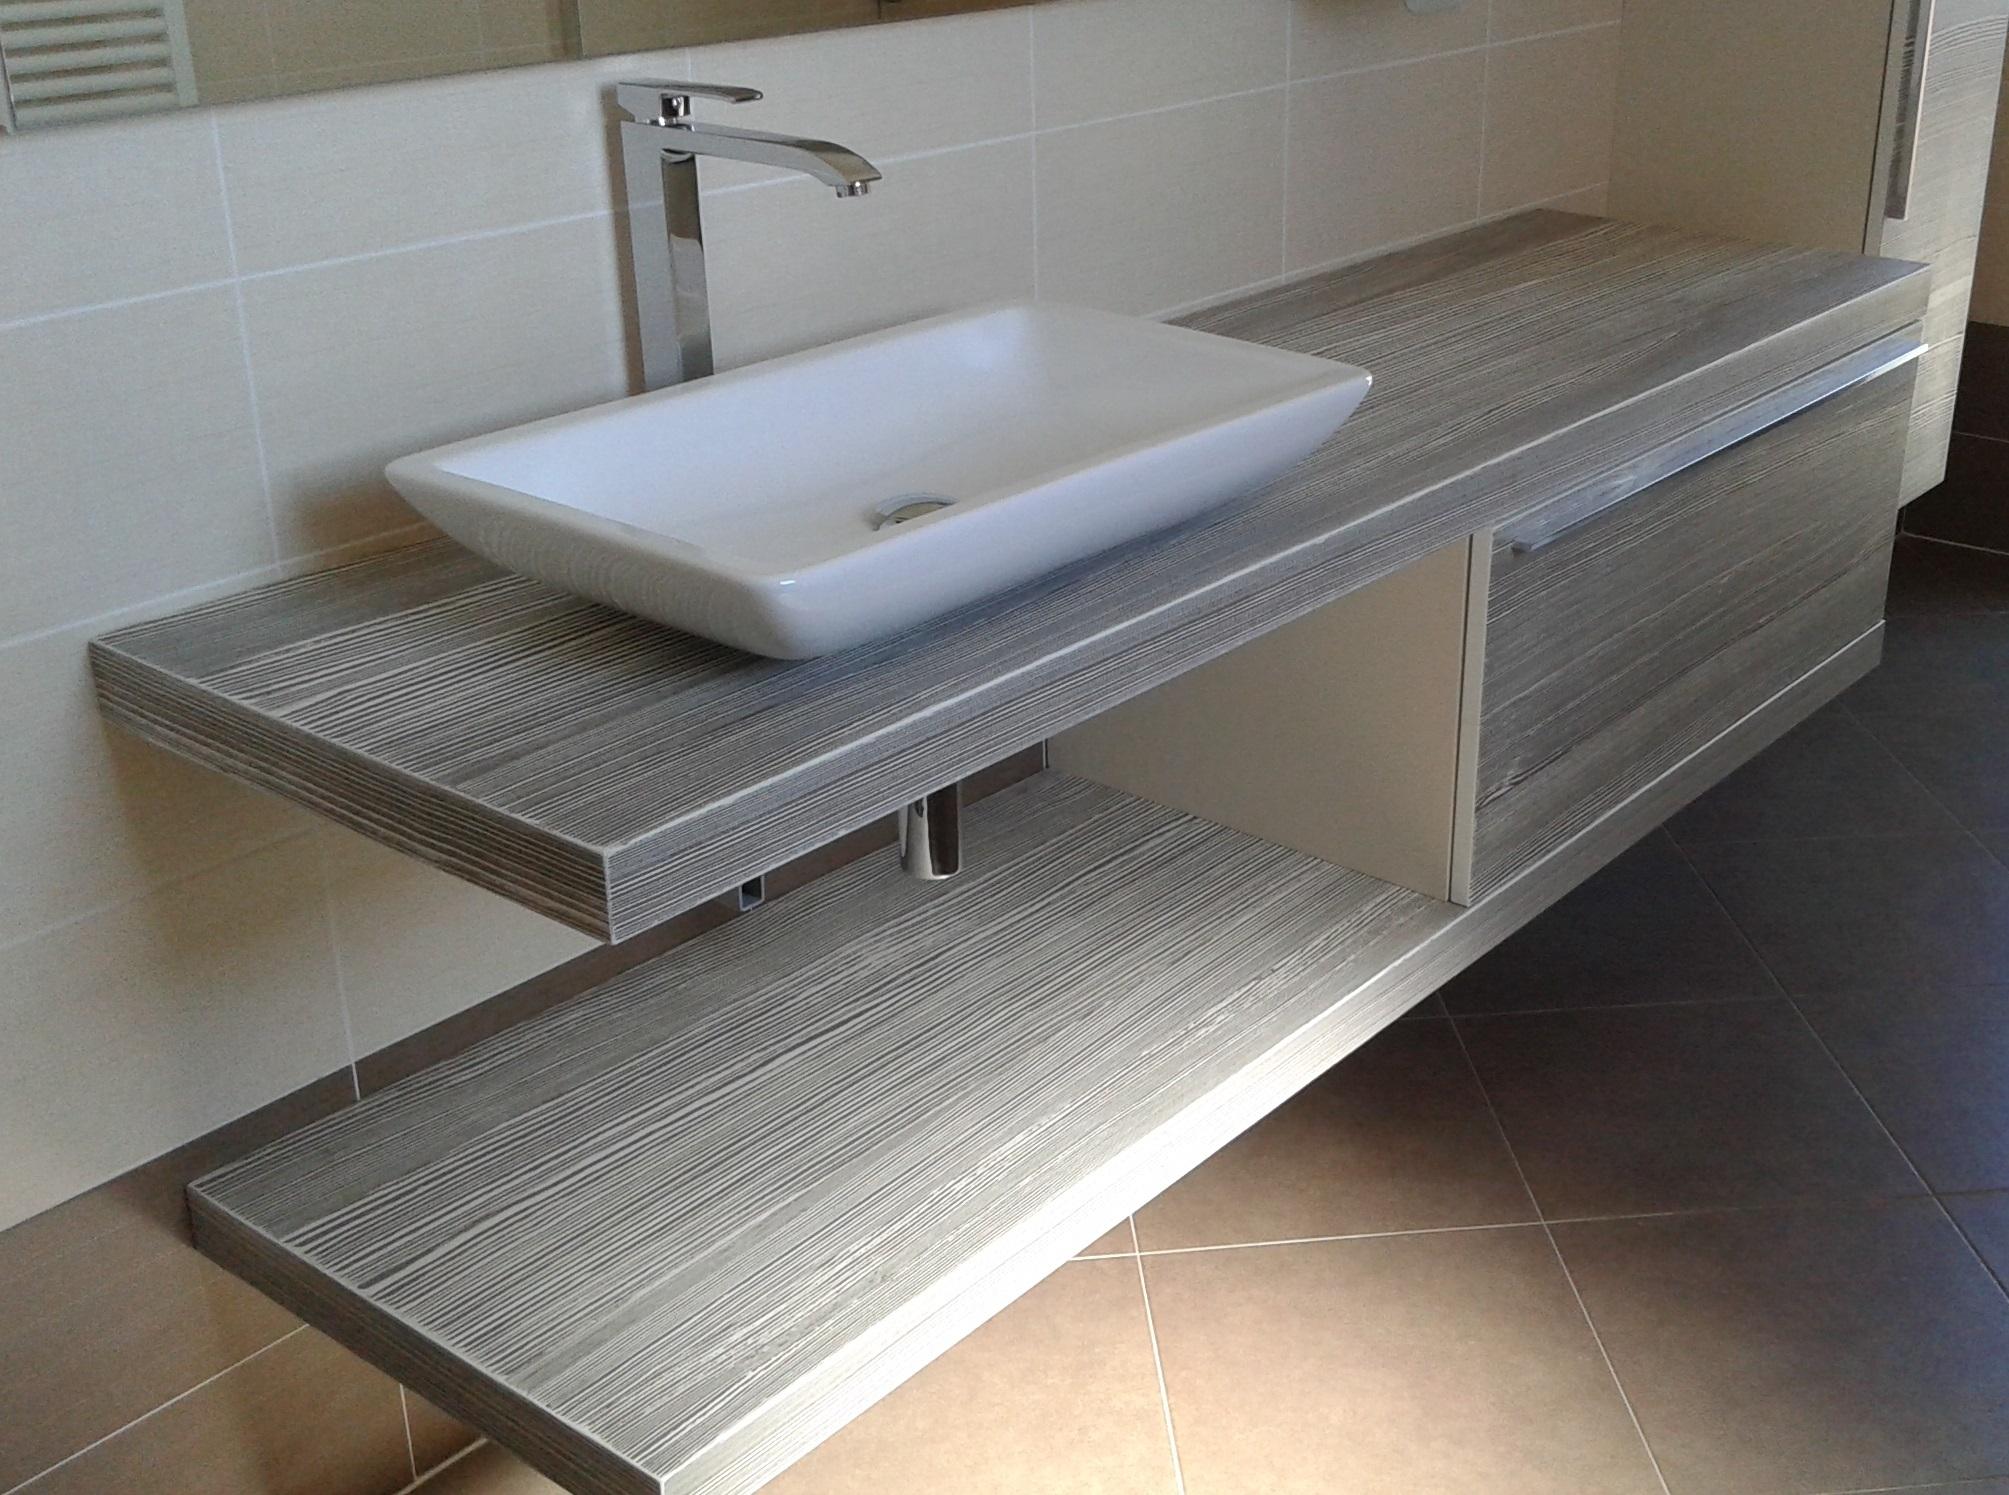 Arredo bagno completo arredo bagno a prezzi scontati - Completo bagno renato balestra prezzi ...